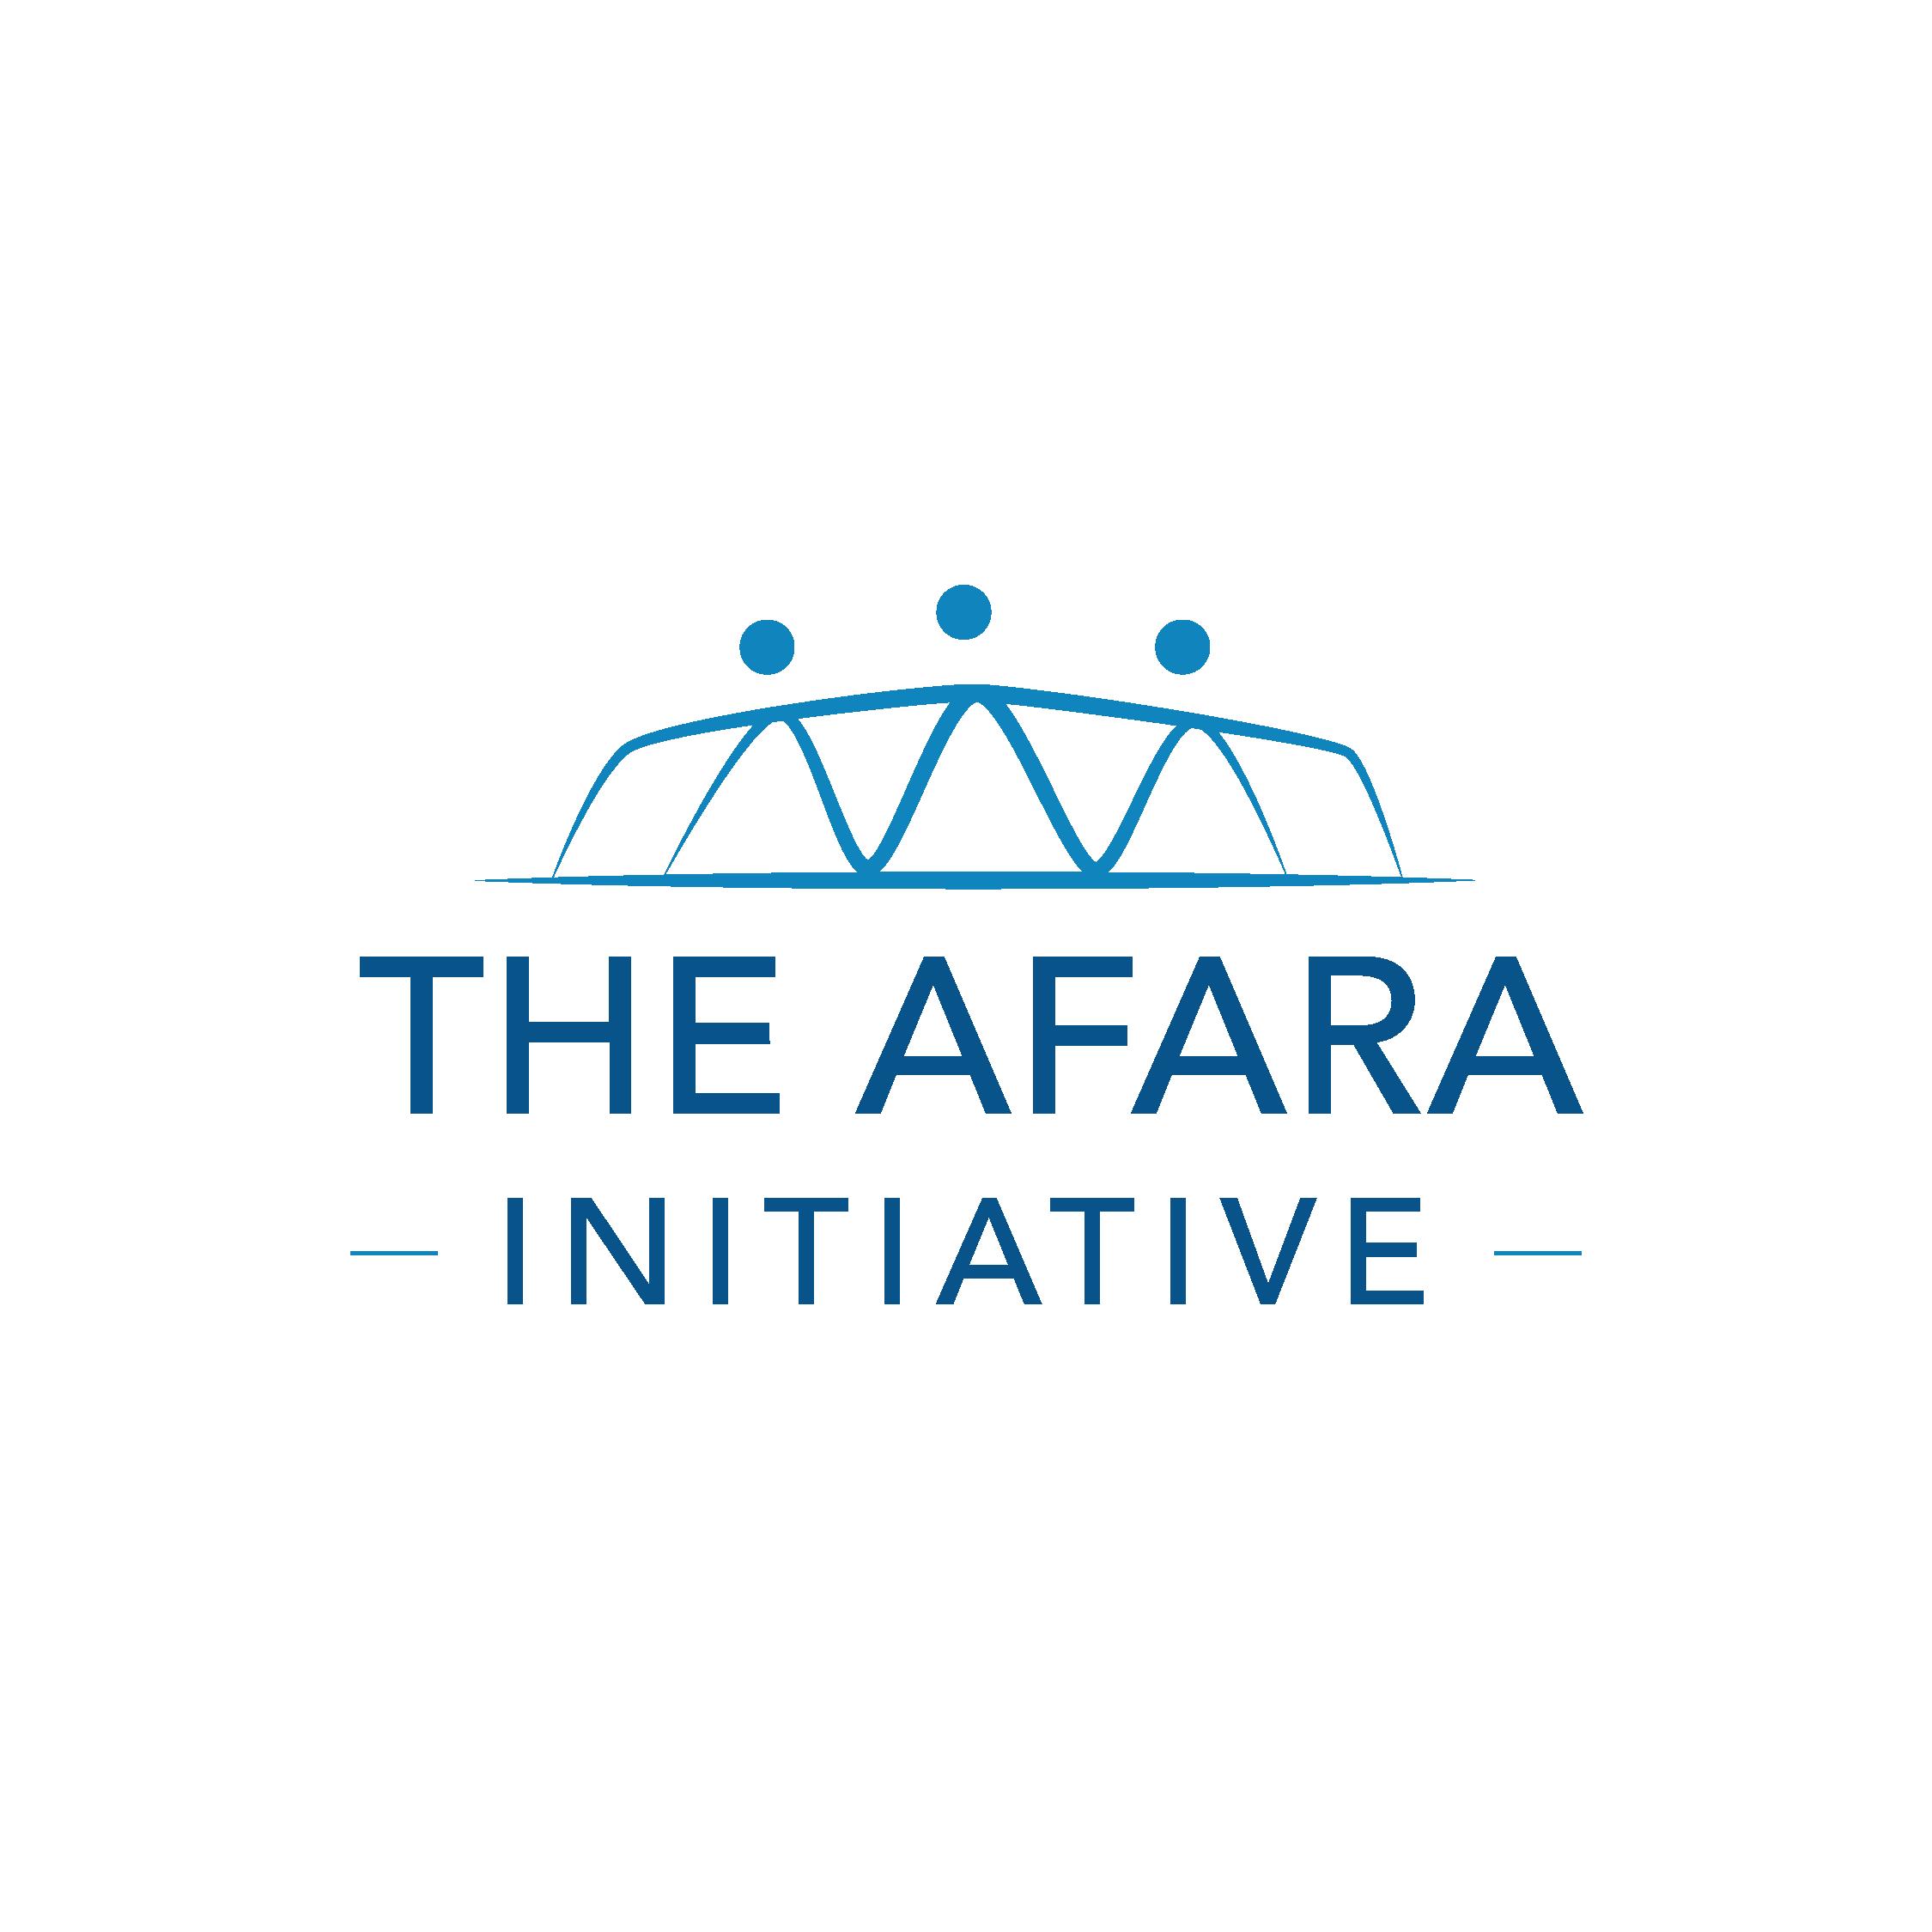 The AFARA Initiative